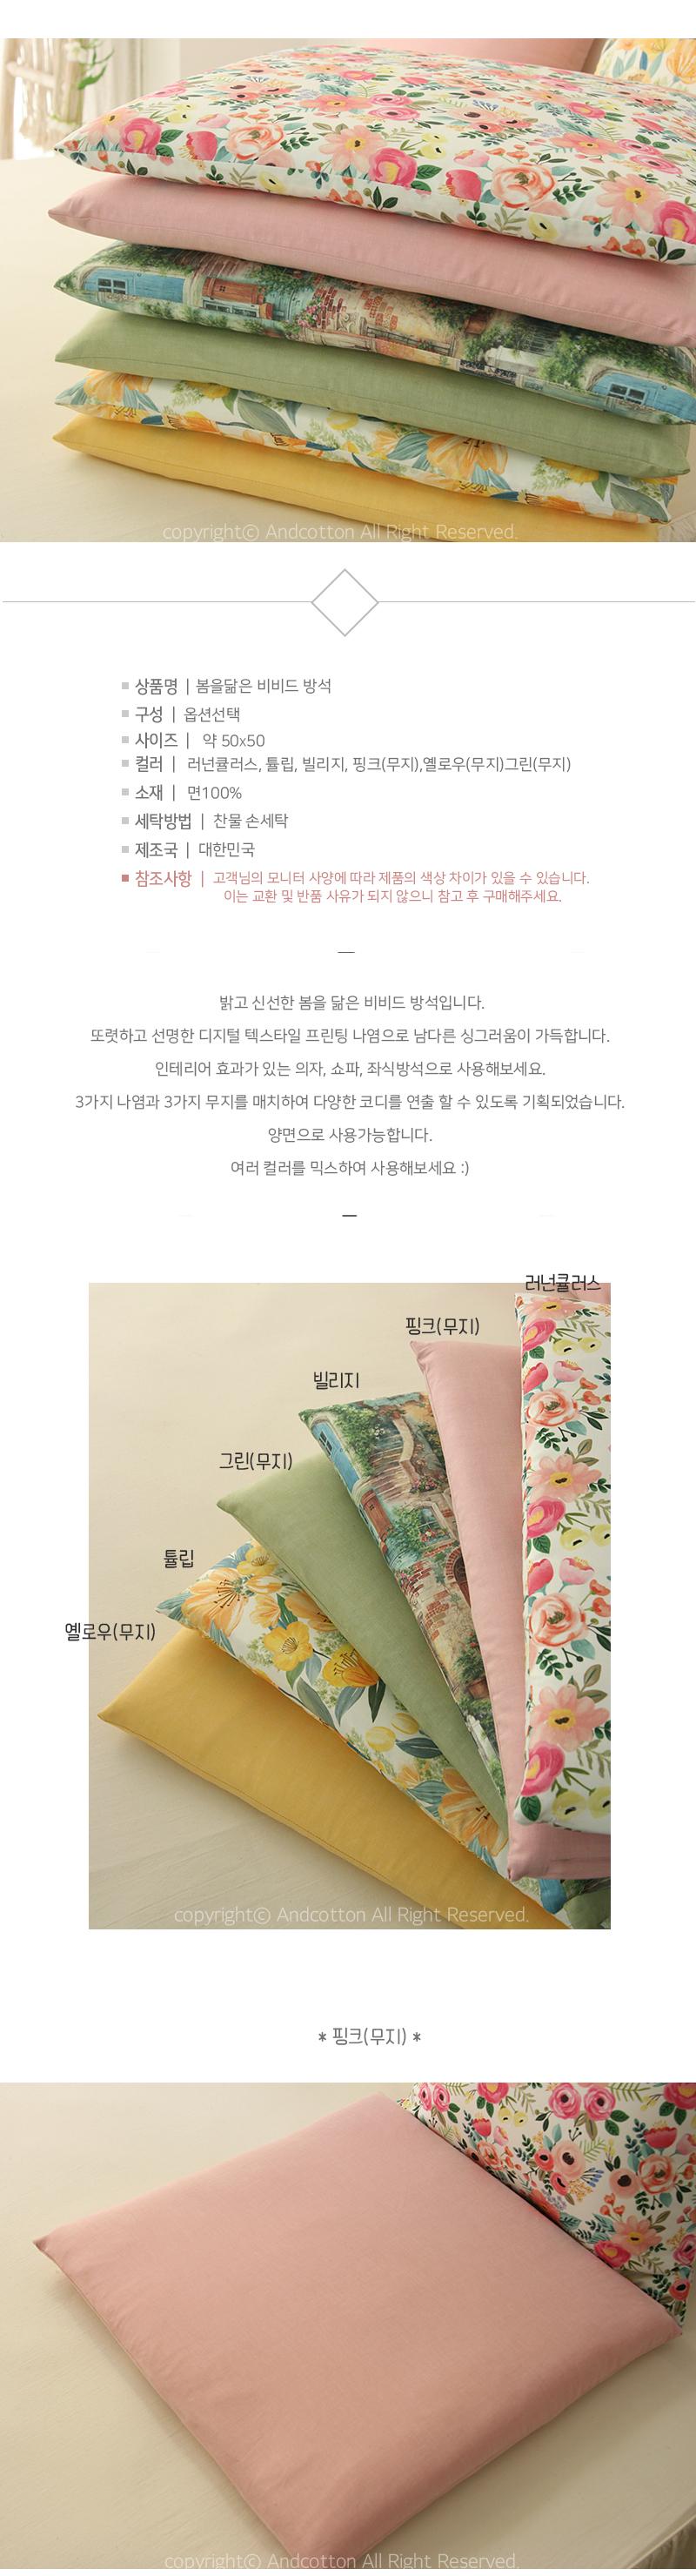 봄을닮은 비비드 방석(커버+솜) - 앤코튼1, 28,700원, 방석, 패턴